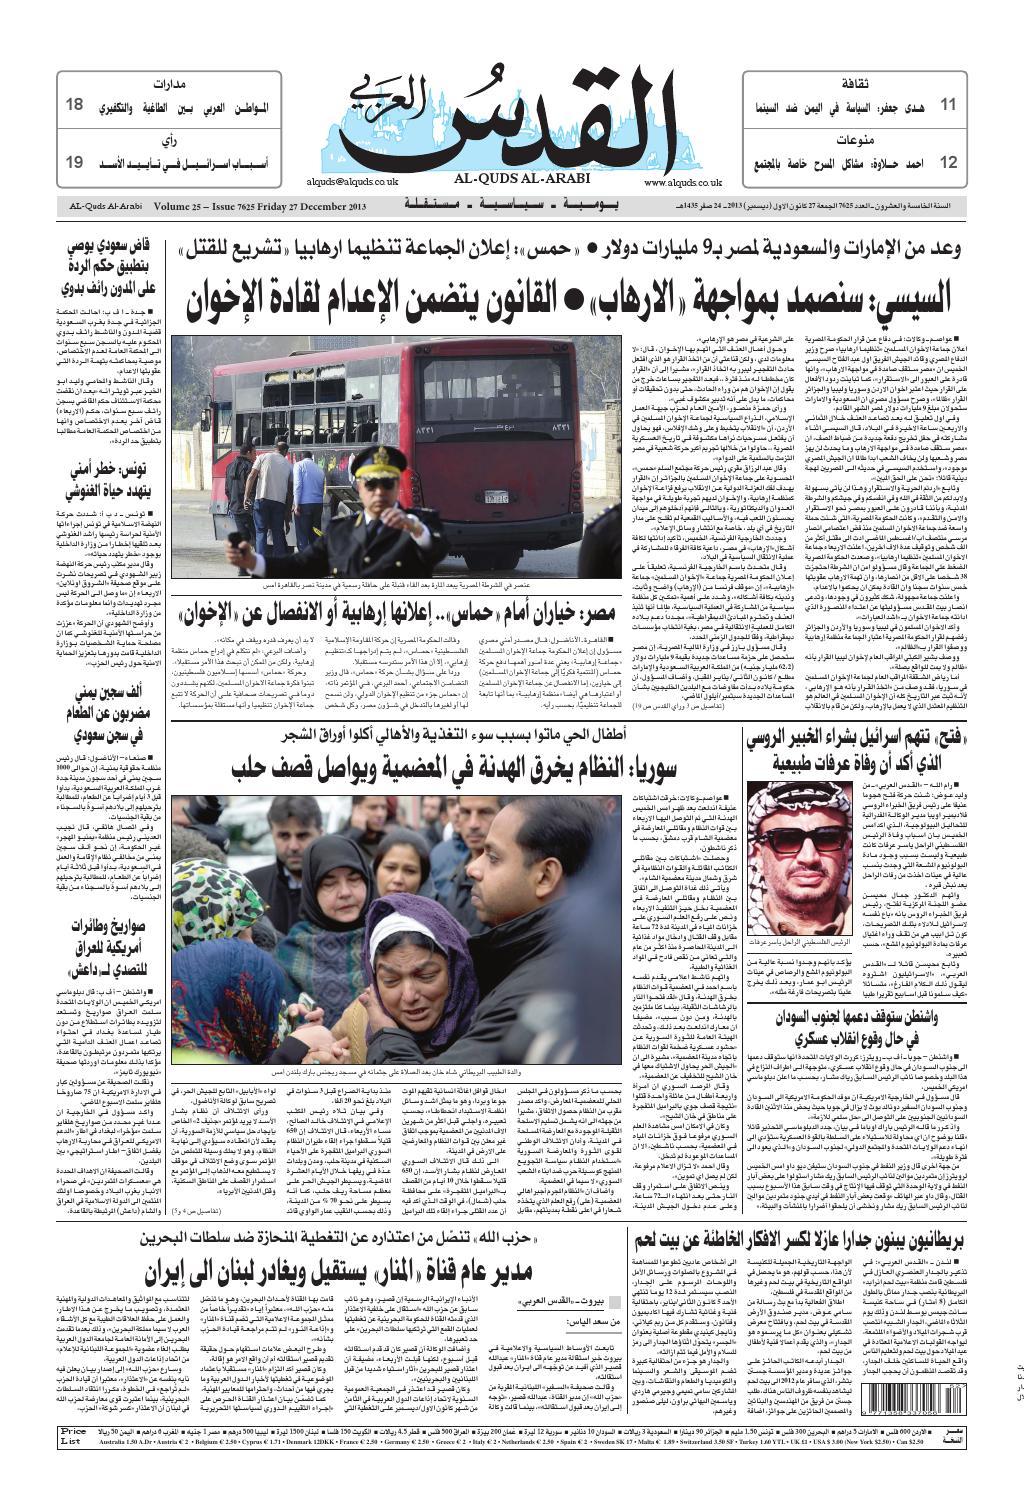 df99b9124 صحيفة القدس العربي , الجمعة 27.12.2013 by مركز الحدث - issuu